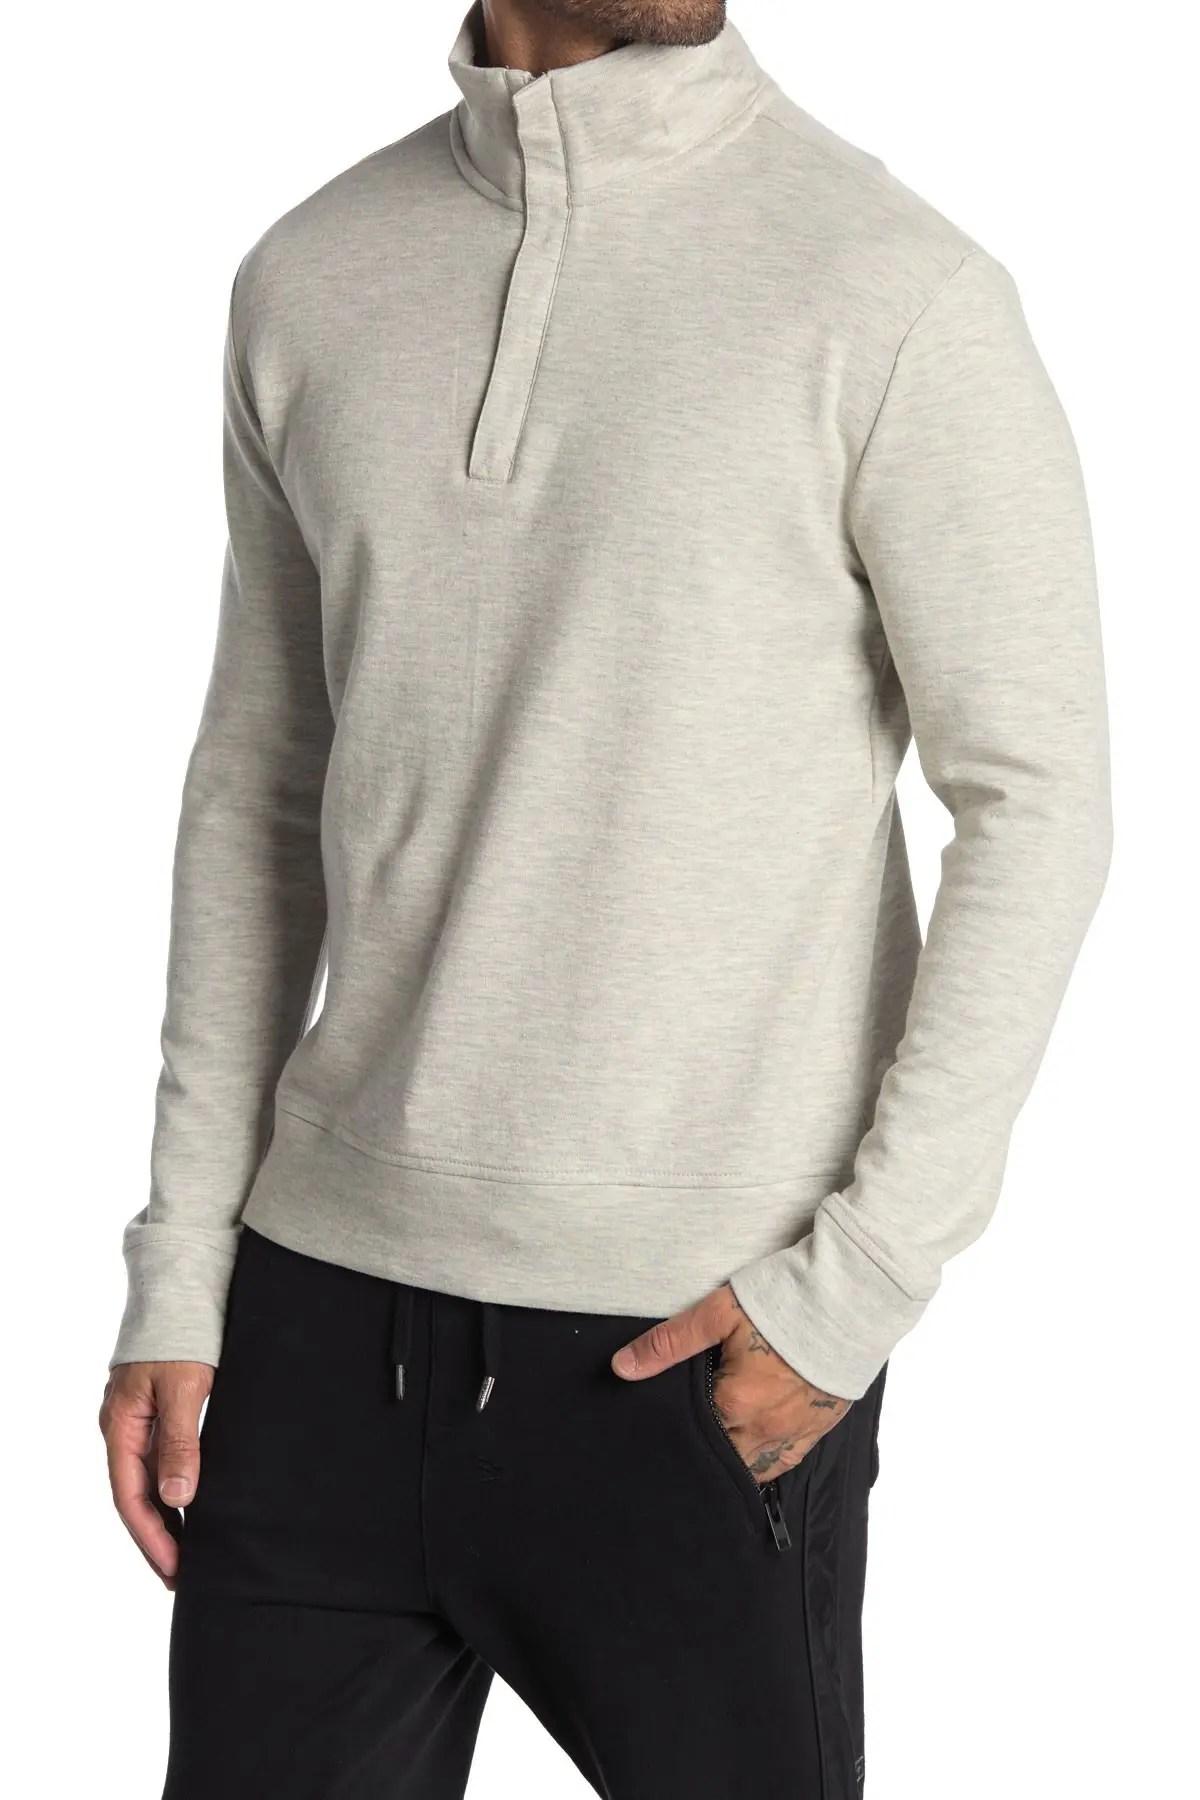 men s zip up hoodies sweatshirts